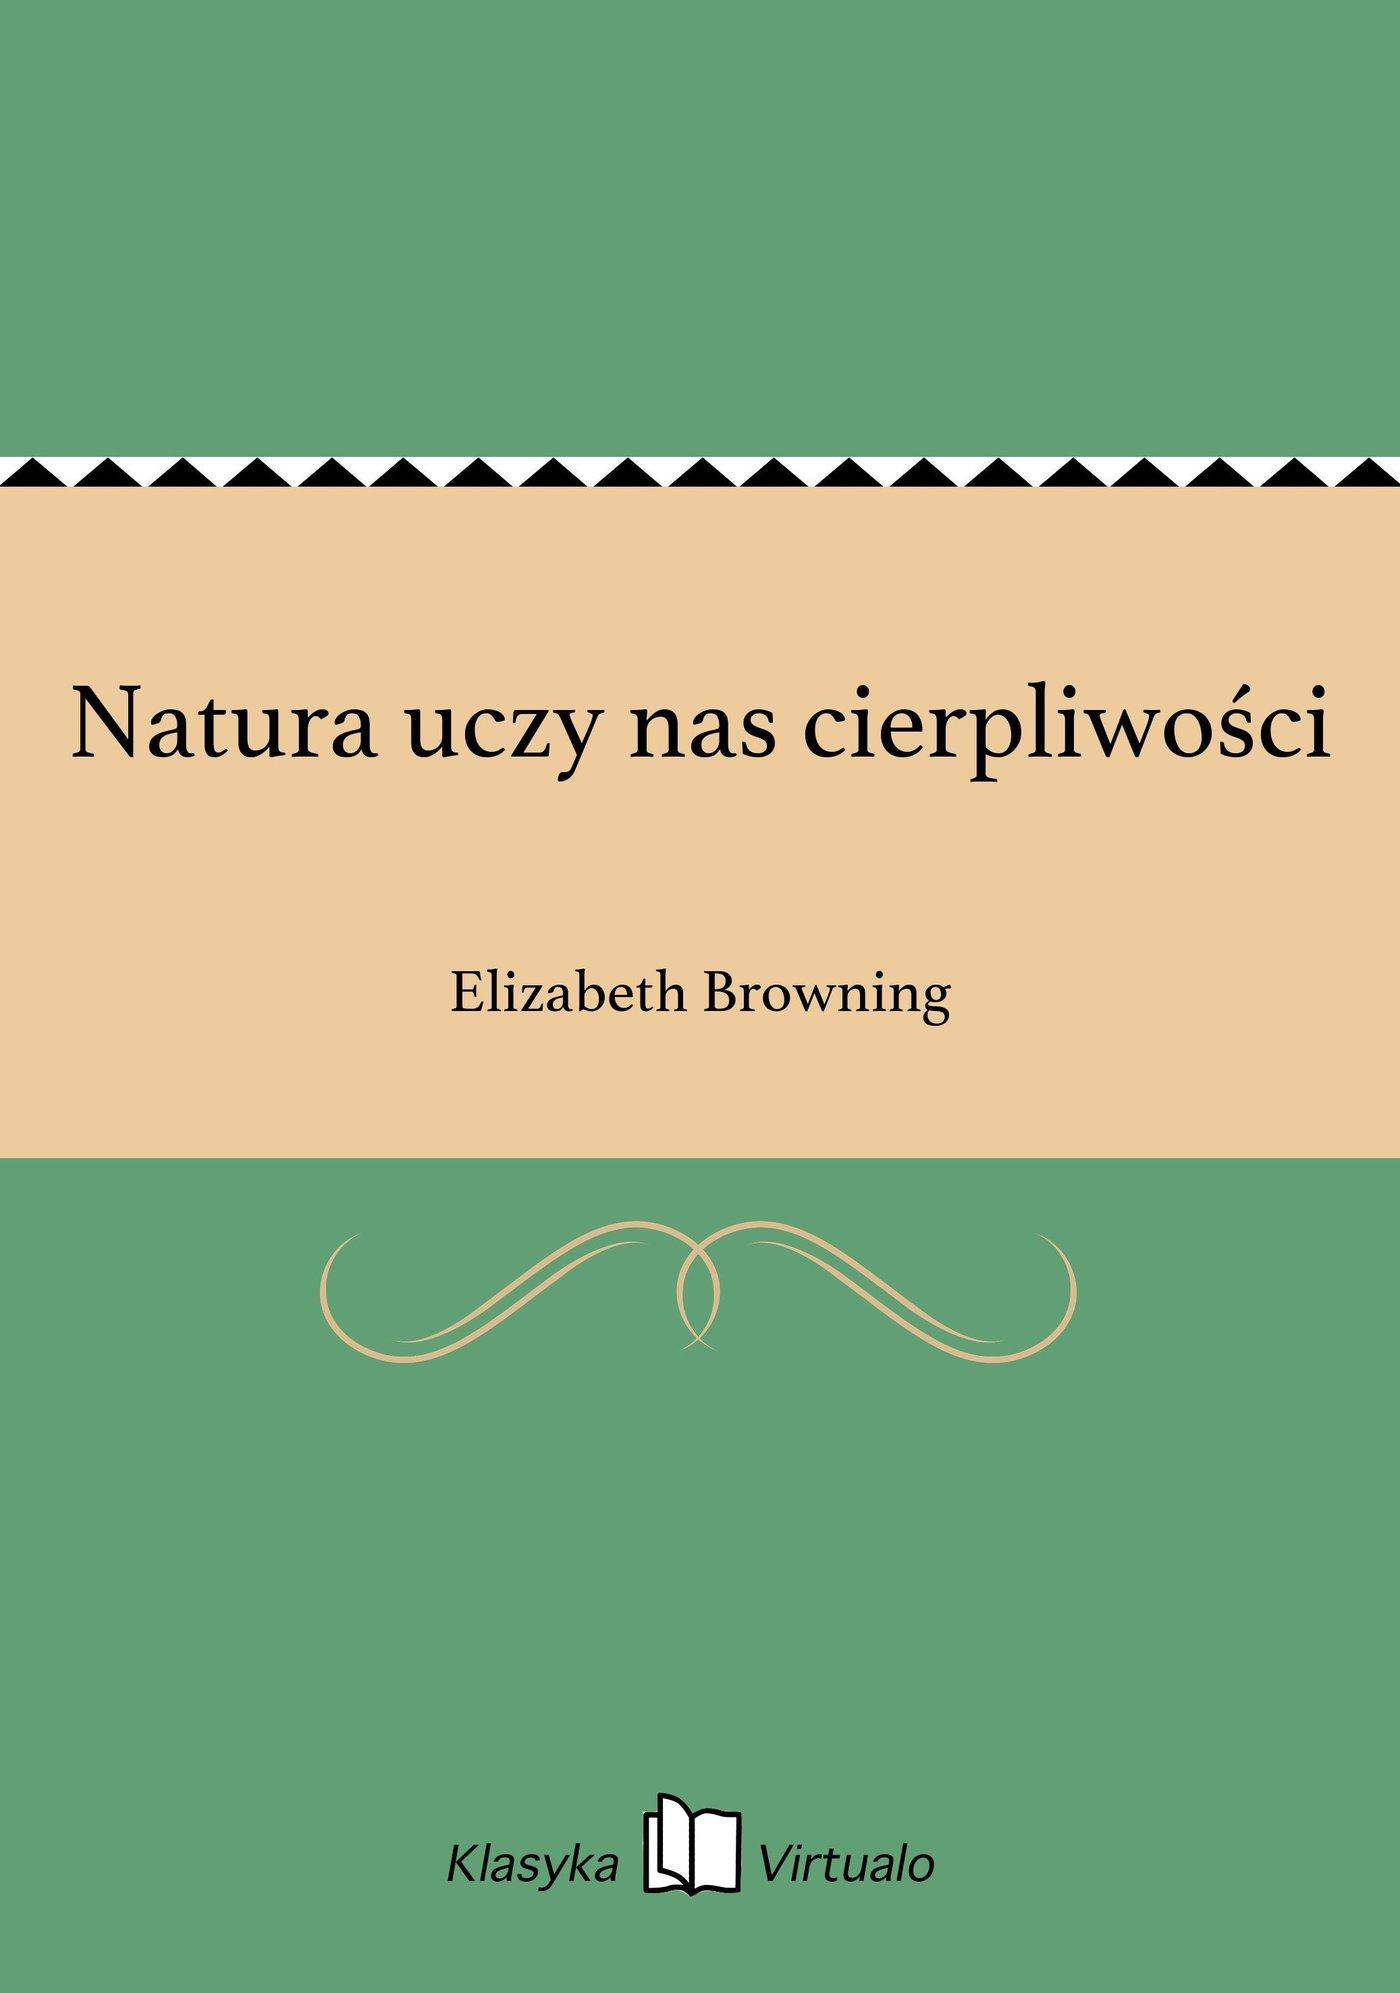 Natura uczy nas cierpliwości - Ebook (Książka EPUB) do pobrania w formacie EPUB